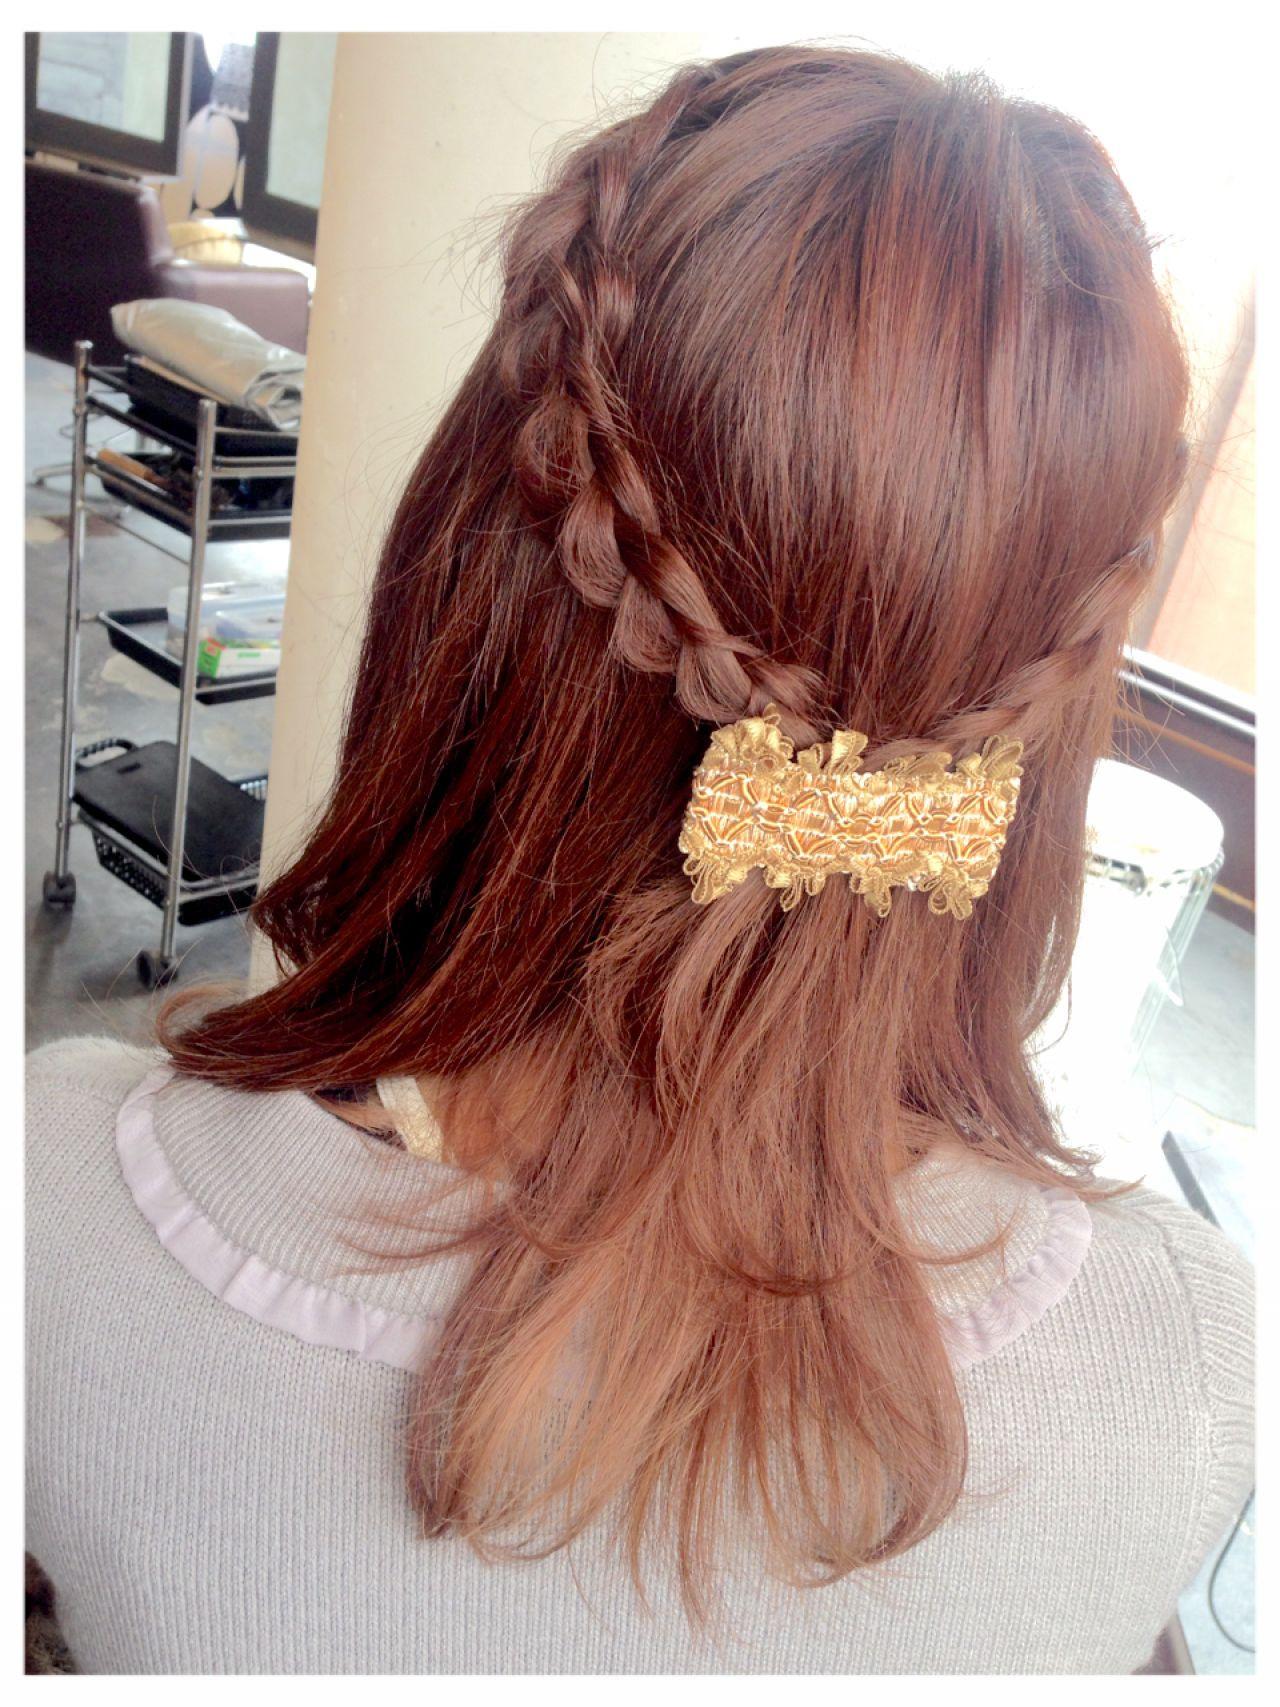 ガーリー 簡単ヘアアレンジ フェミニン ヘアアレンジ ヘアスタイルや髪型の写真・画像